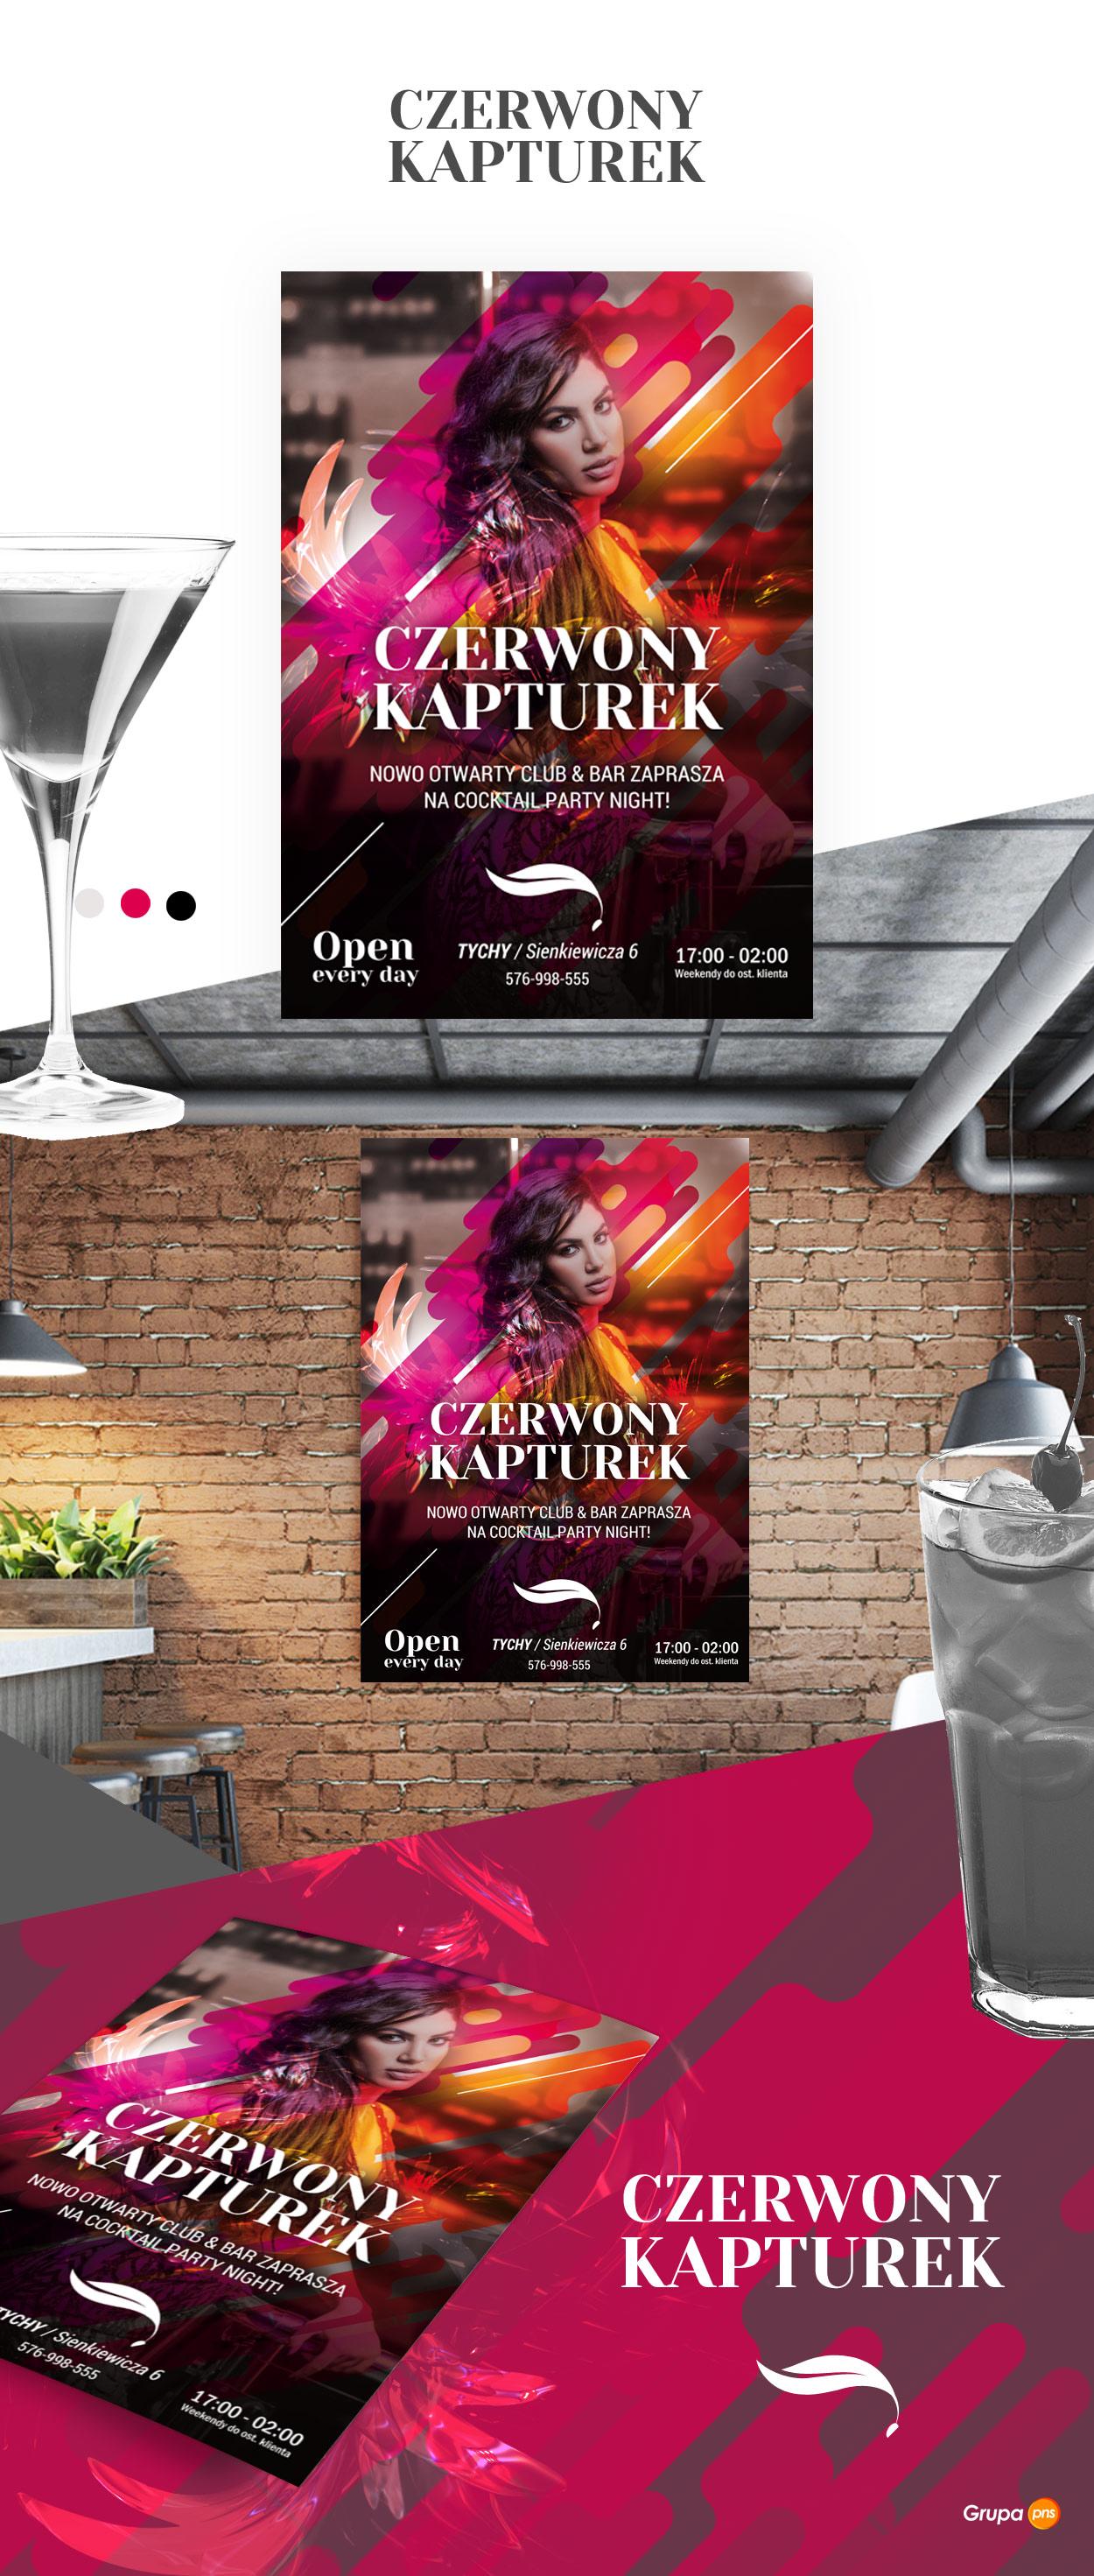 projekt-plakatu-reklamowego-klubu-muzycznego-czerwony-kapturek